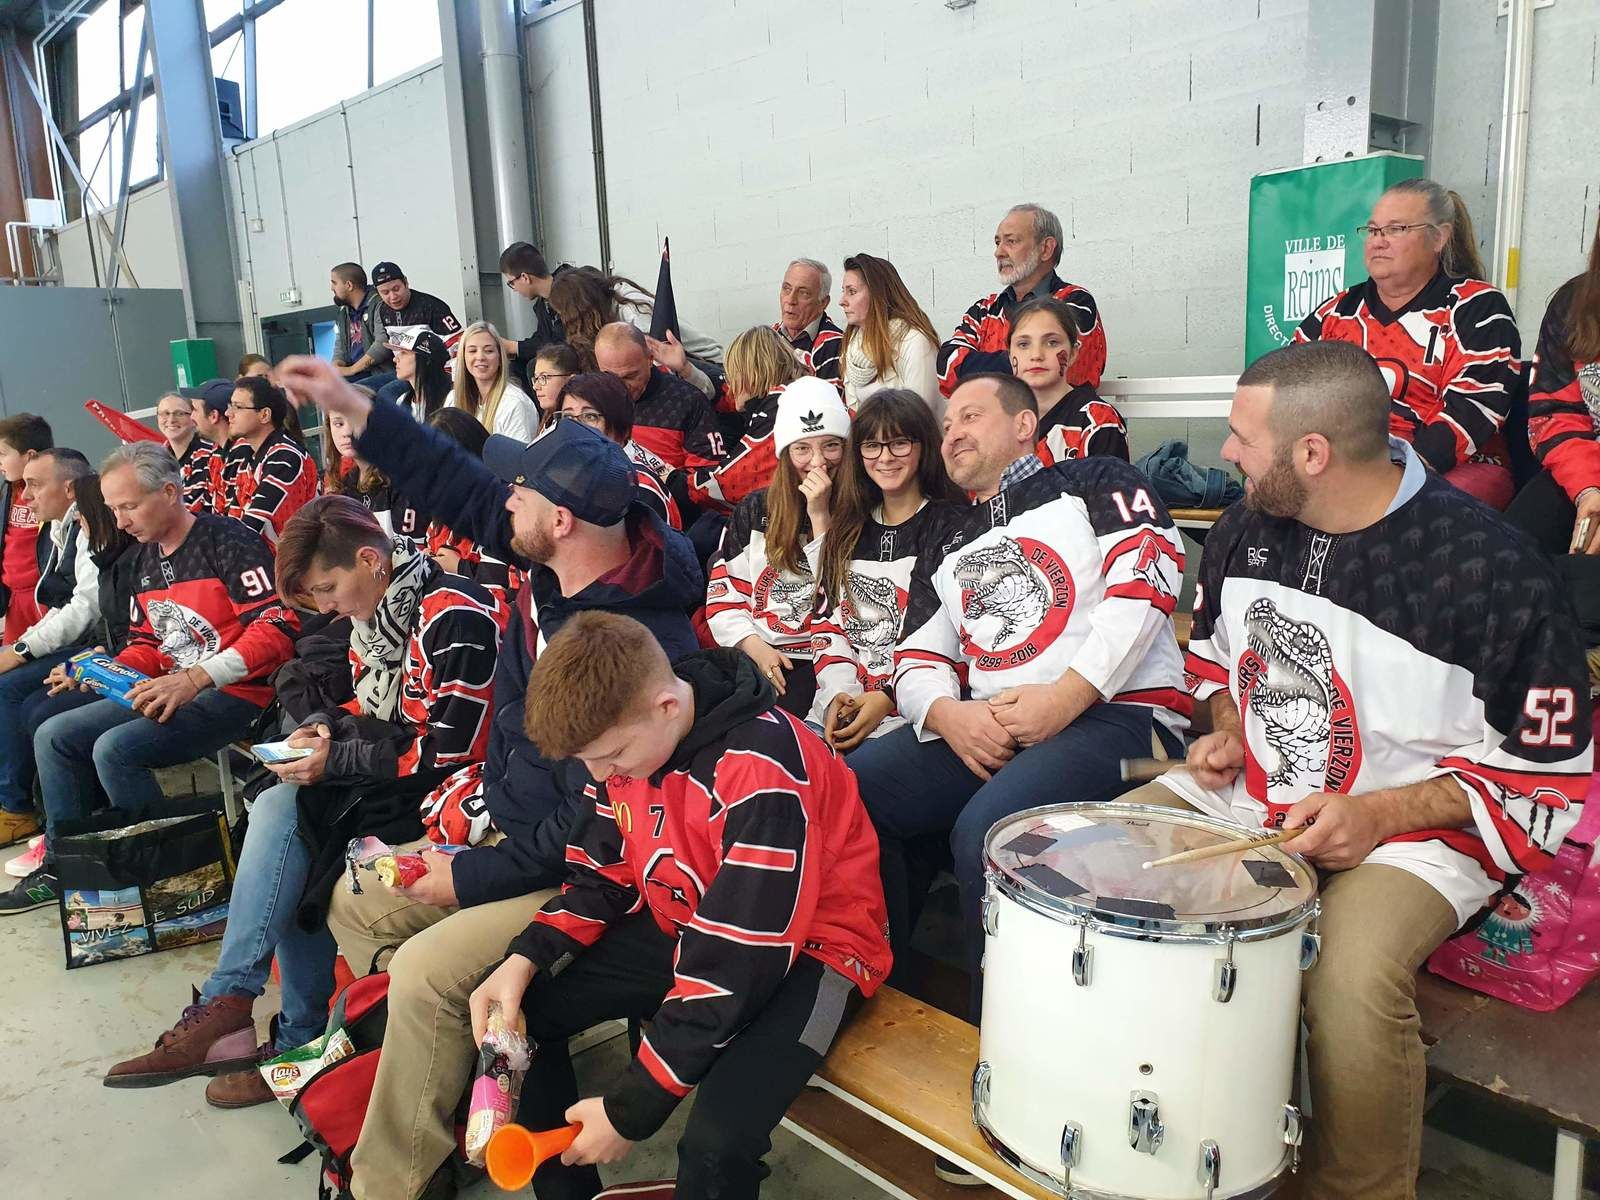 Prédateurs contre Reims : les supporters sont prêts !